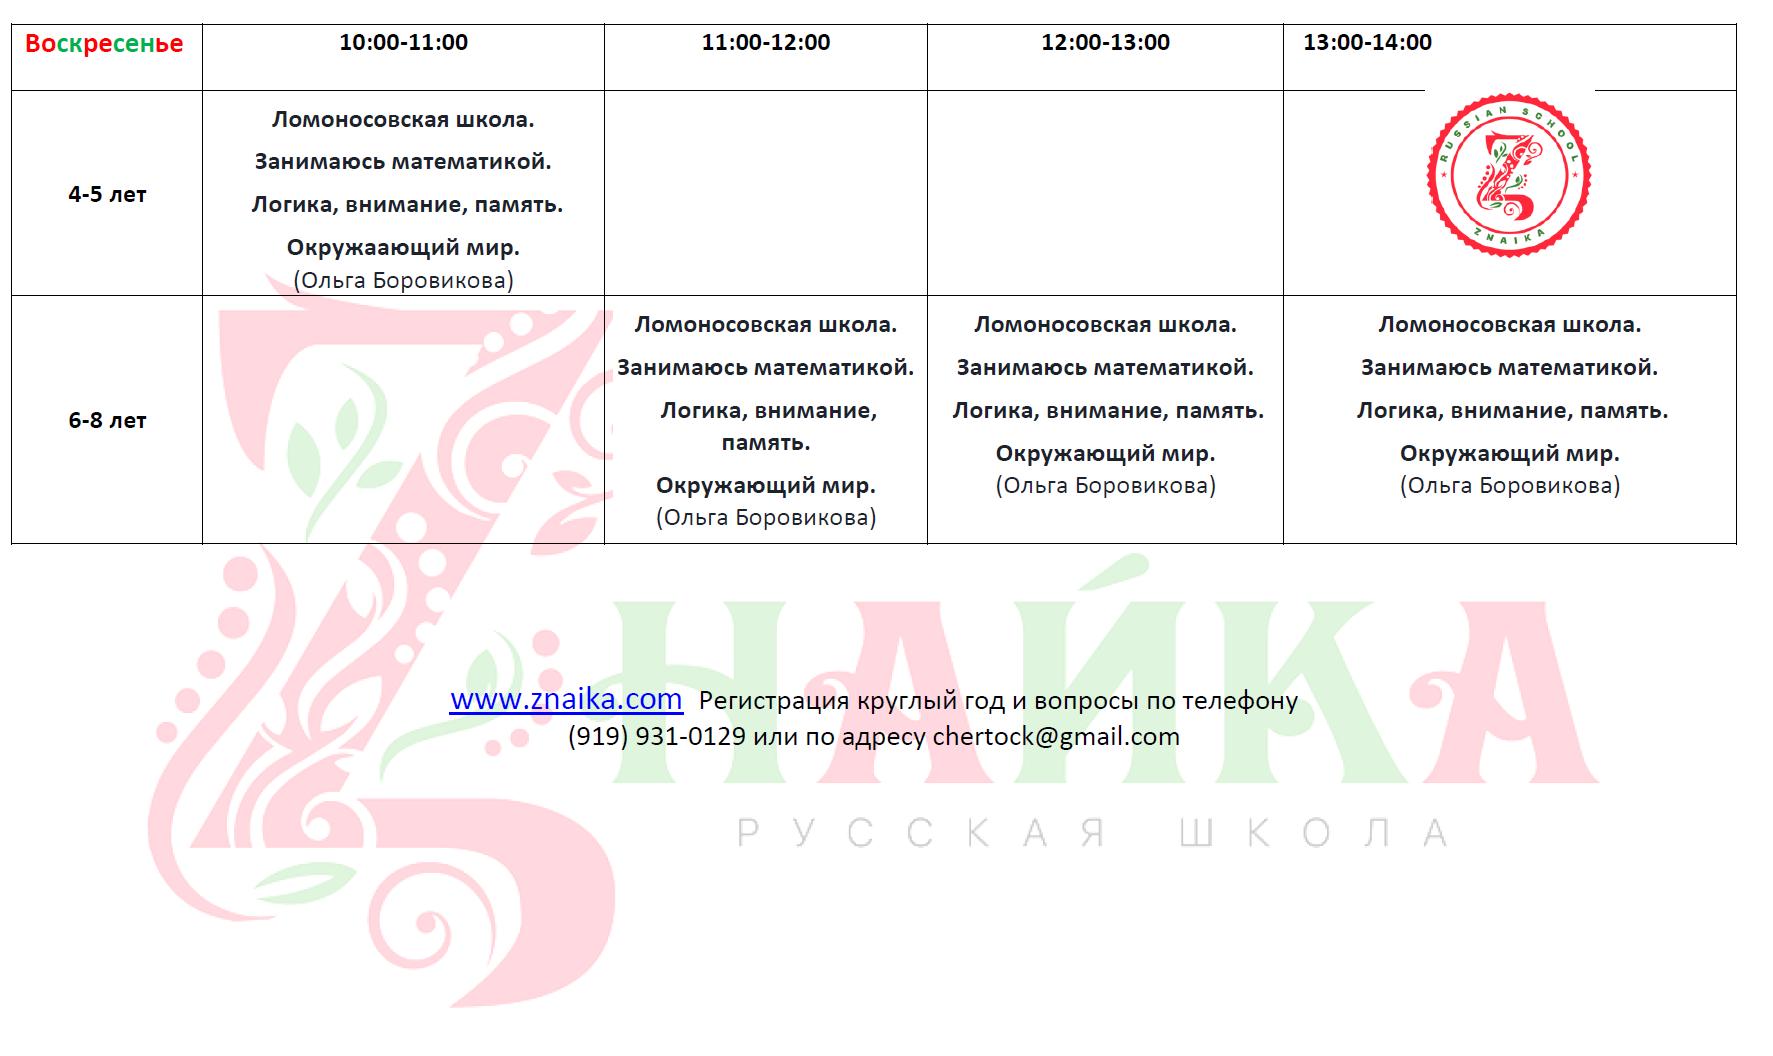 расписание школы Знайка